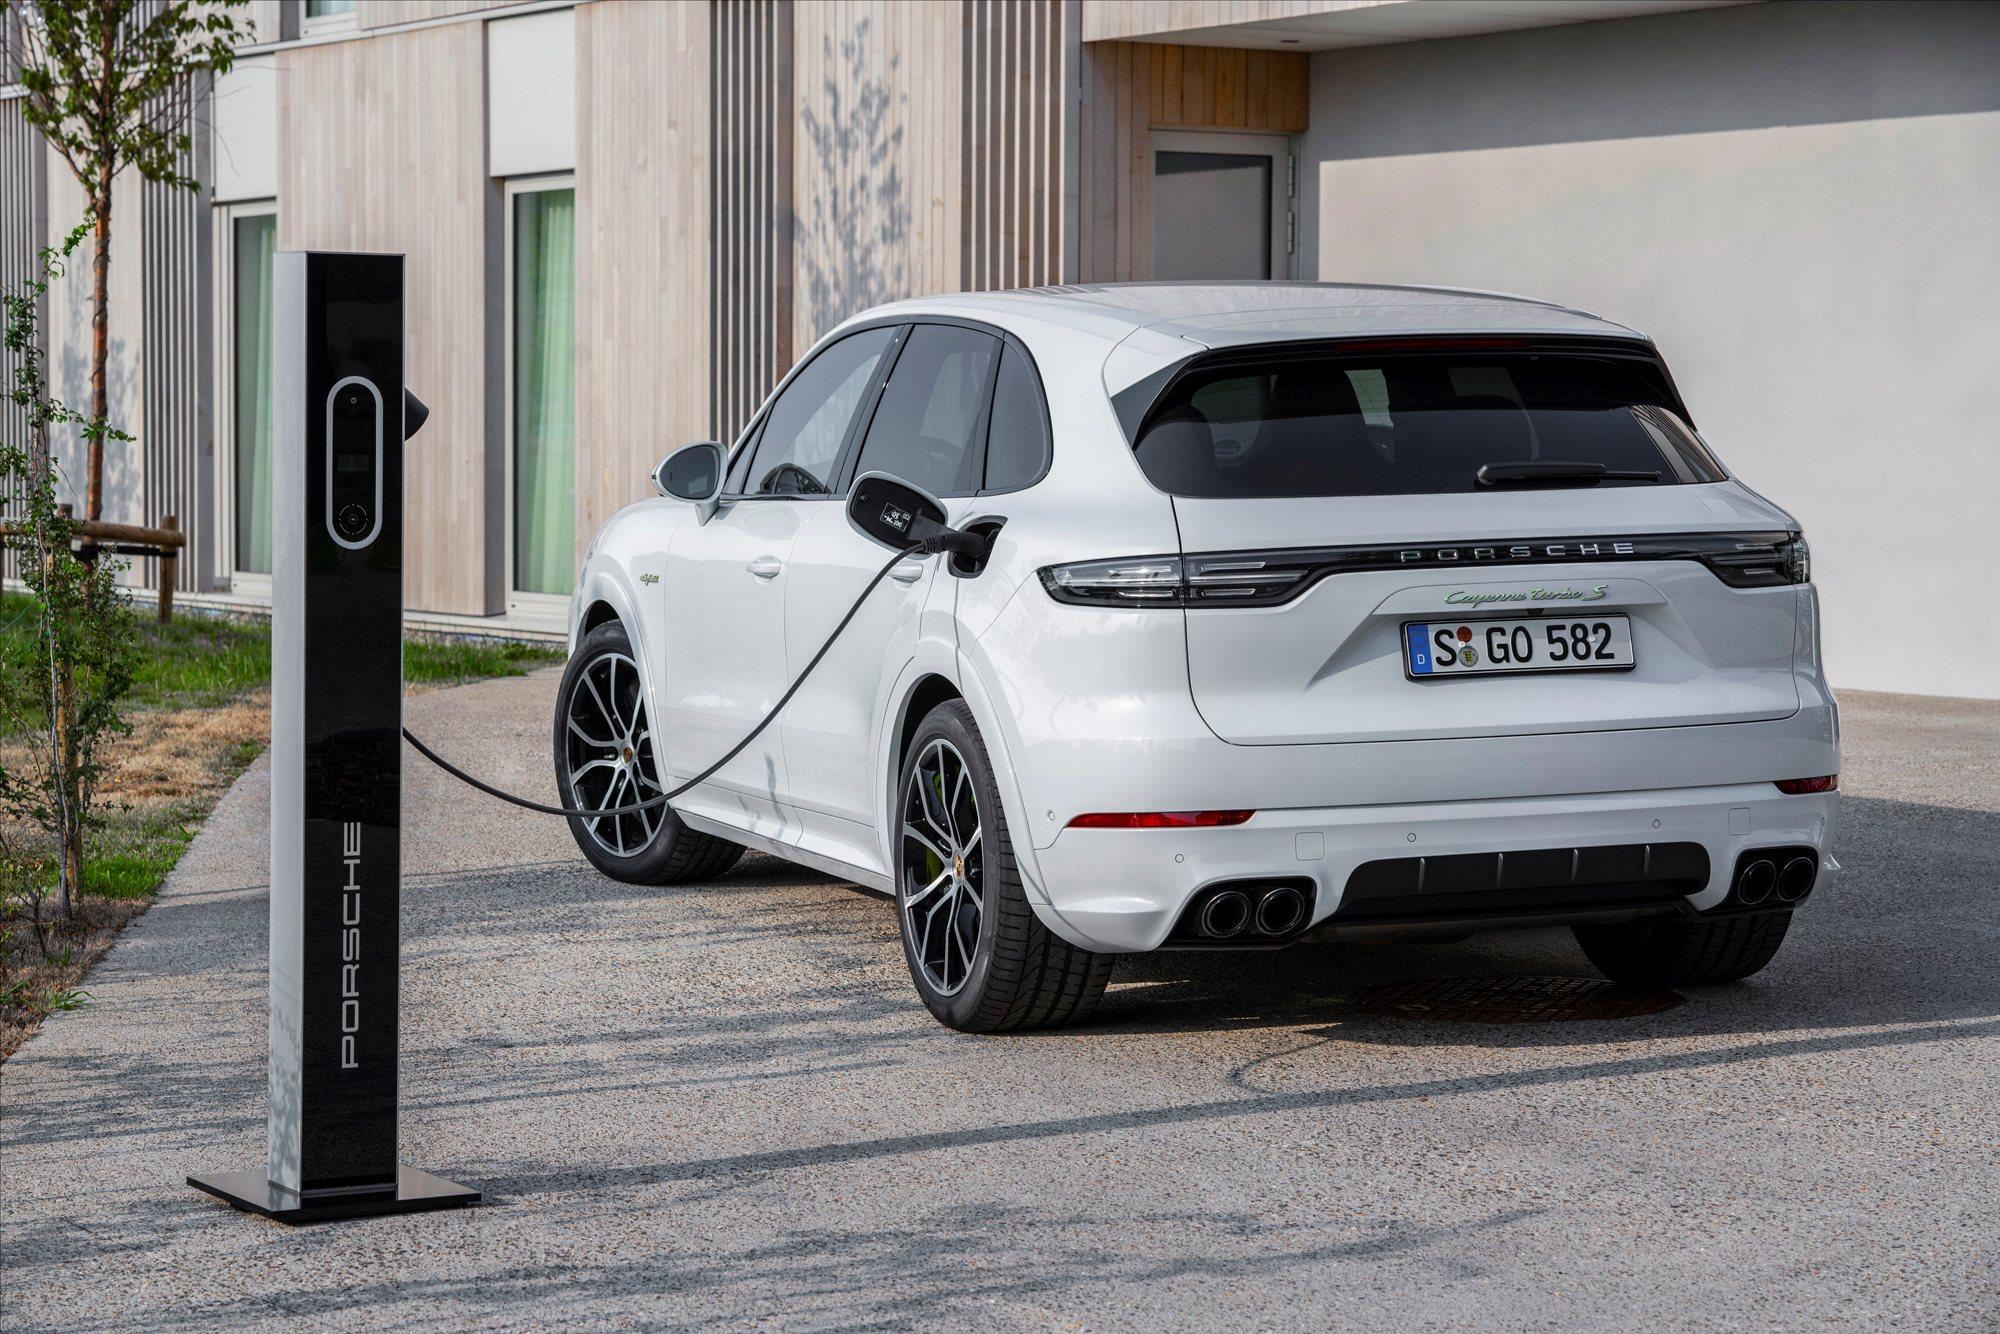 Porsche Cayenne Turbo S E-Hybrid 2019 review | Wheels